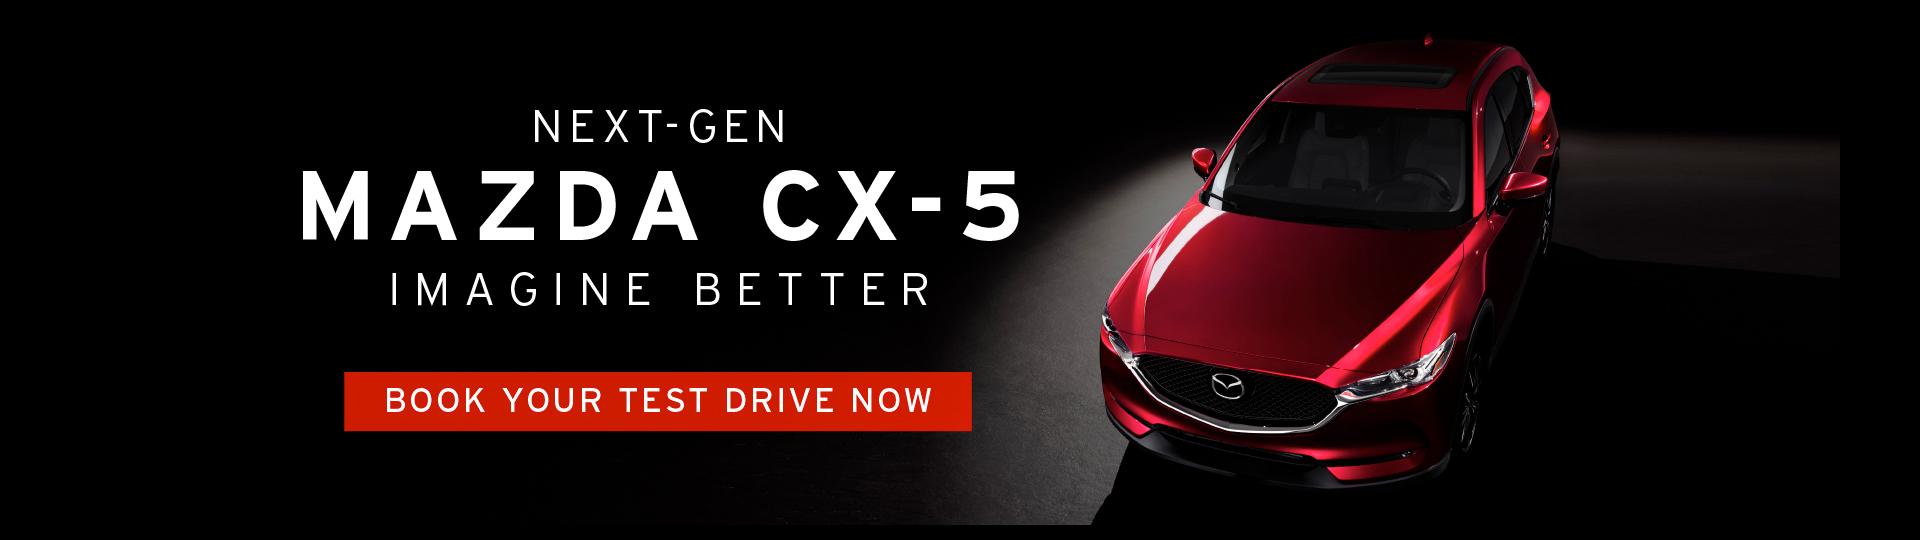 Next-Gen Mazda CX-5